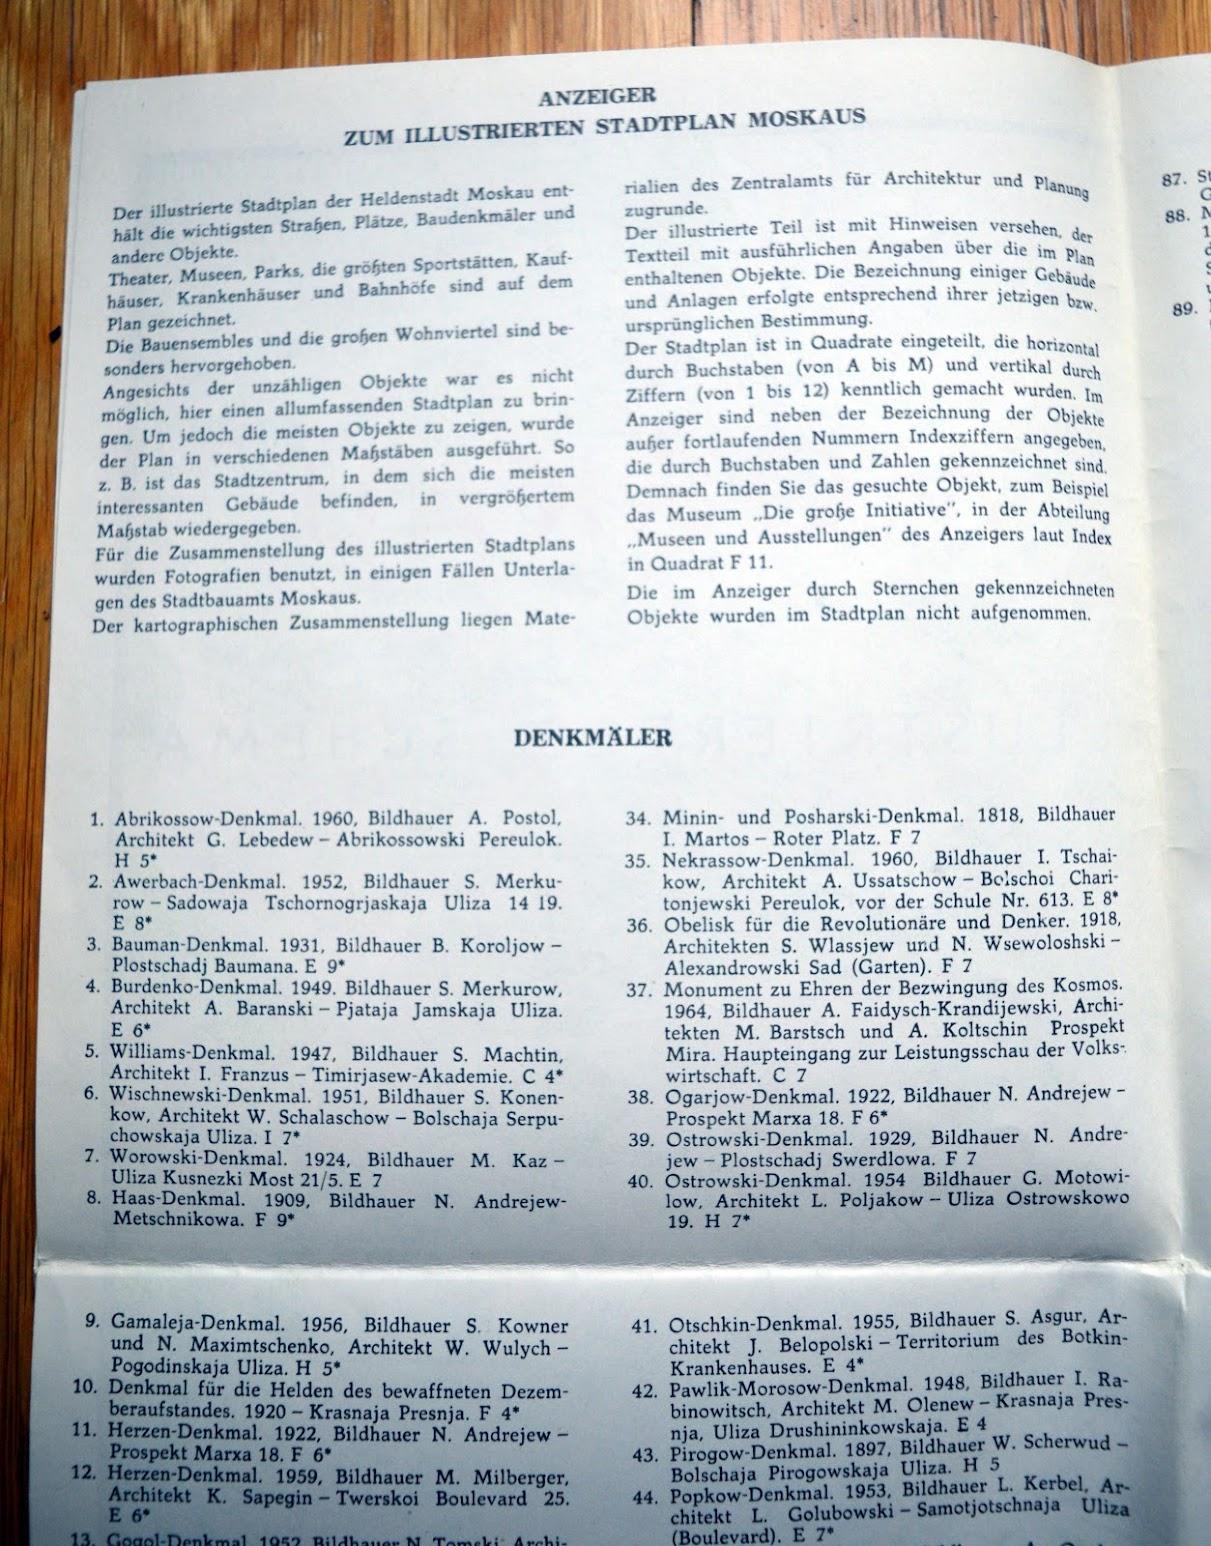 Besuchen Sie die Sowjetunion - Intourist-Prospekt